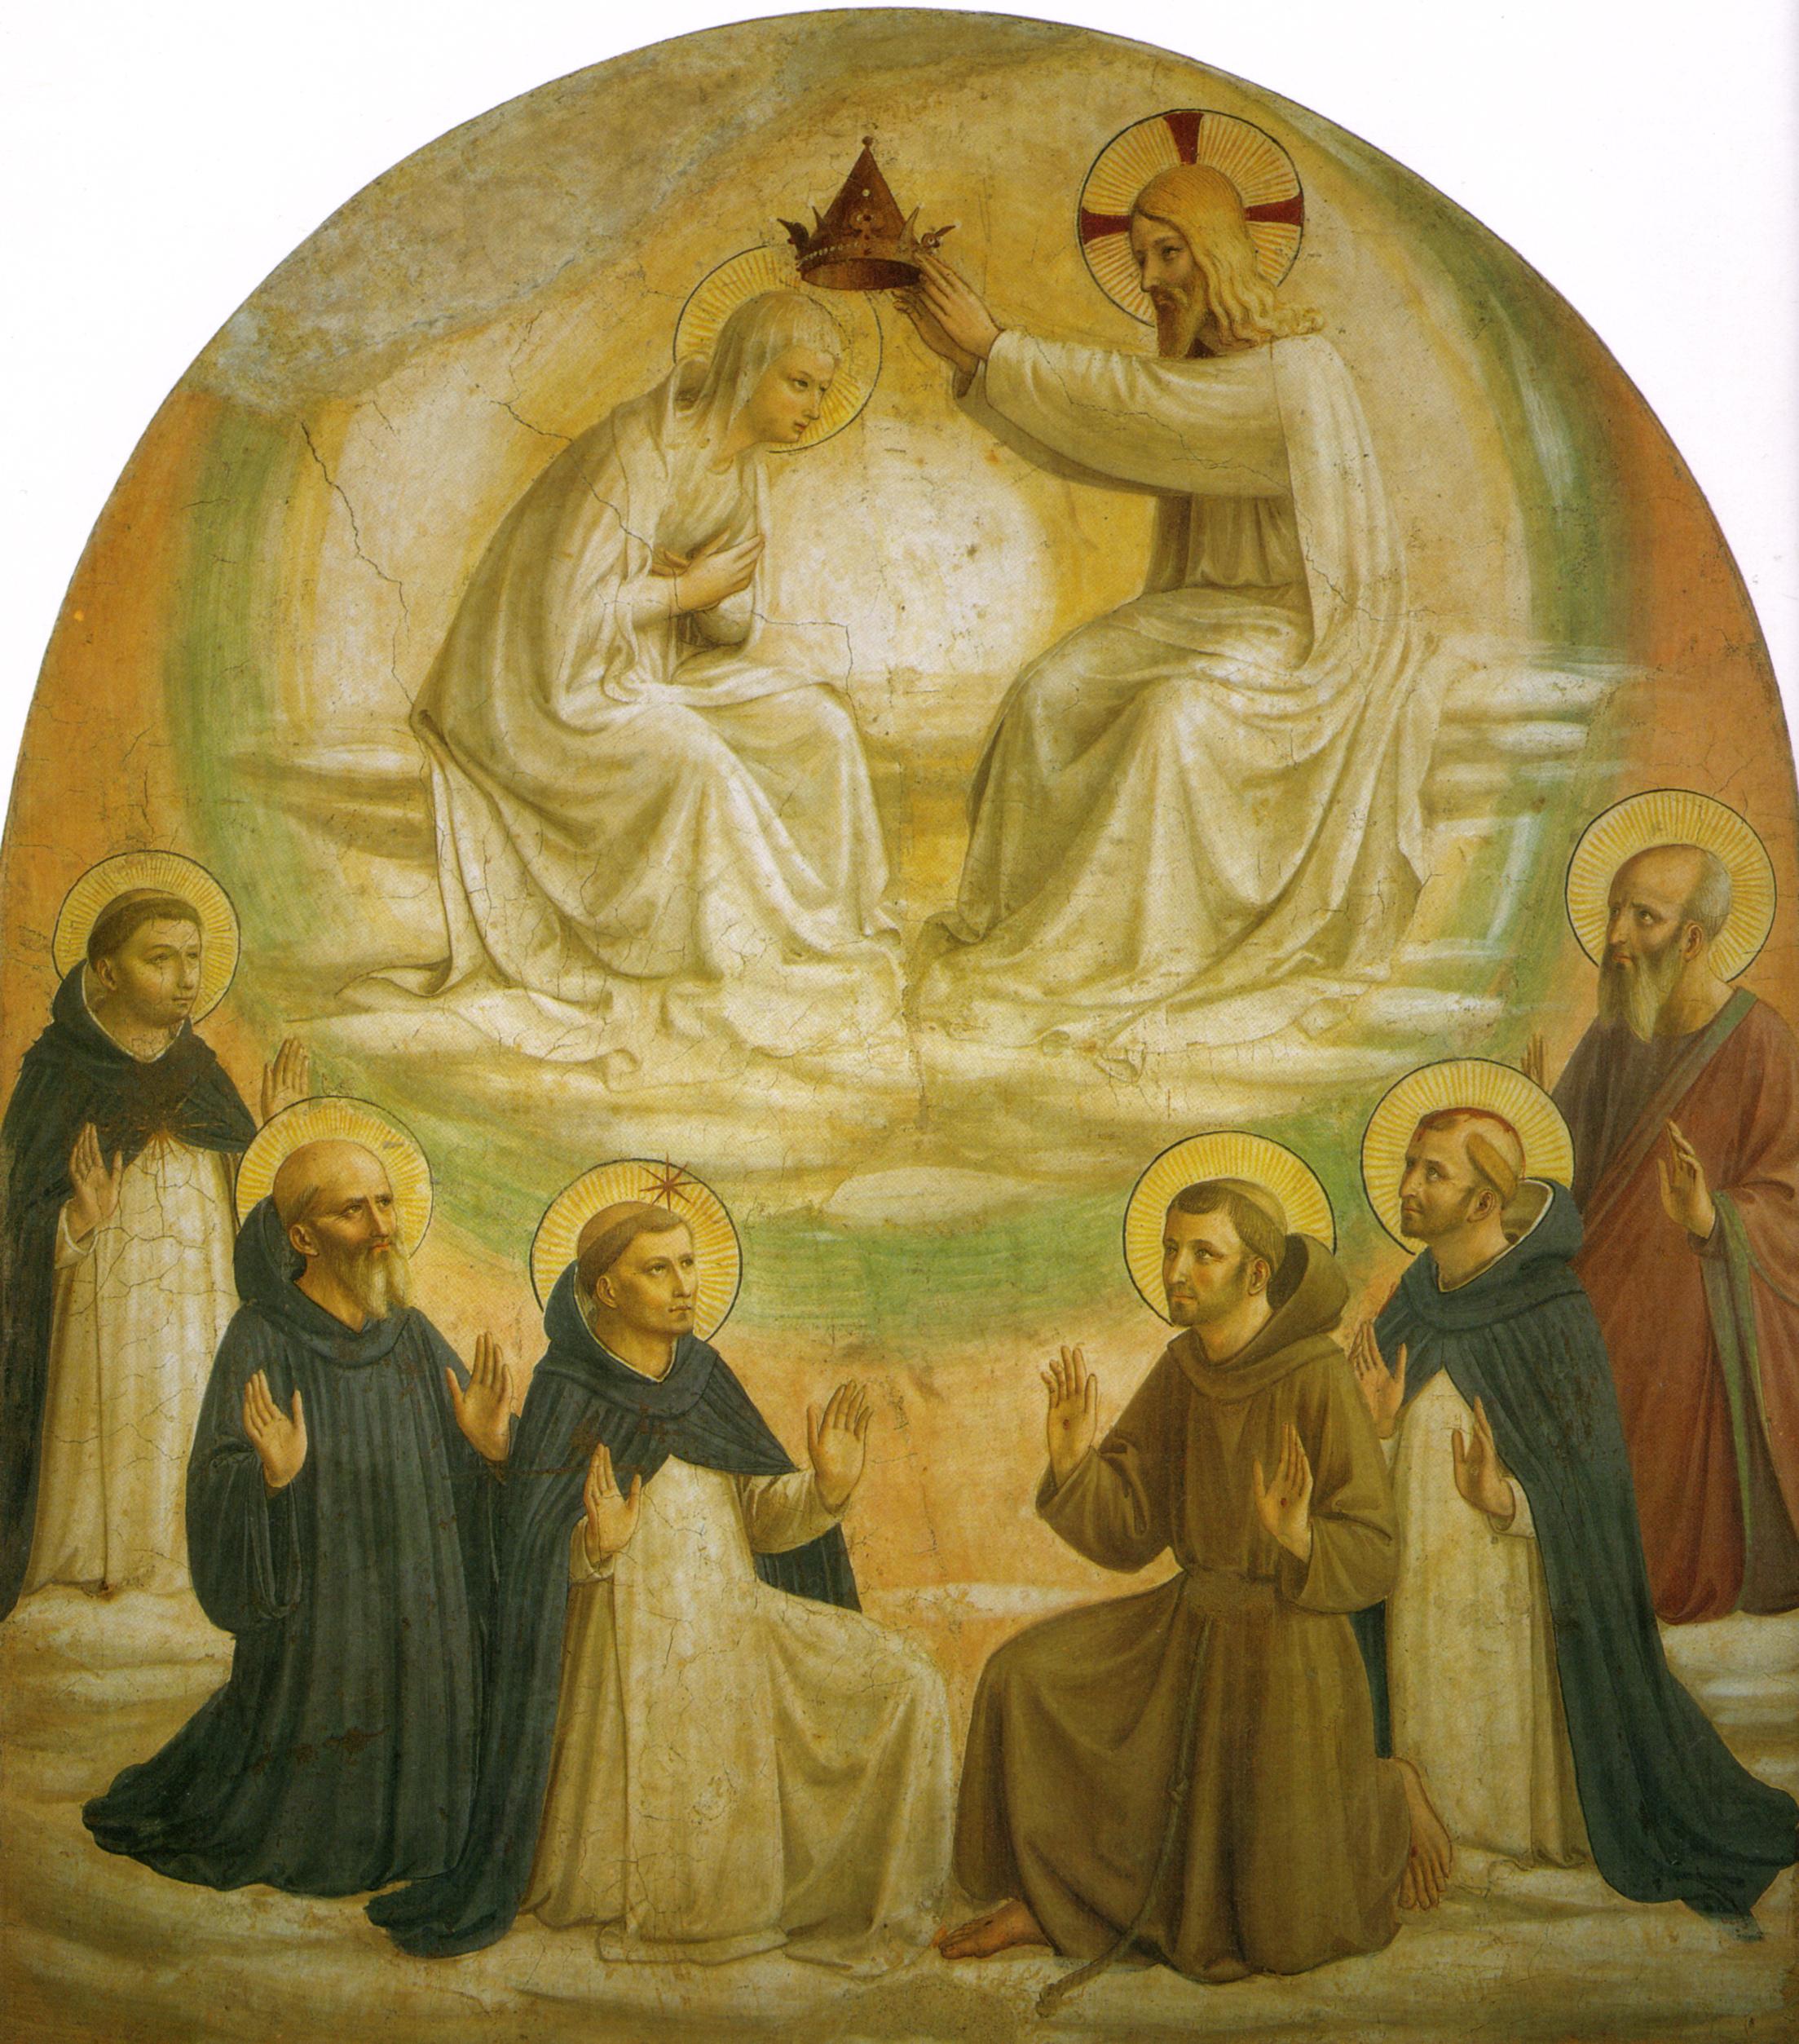 Fichier:Angelico, incoronazione della vergine 1440-1441.jpg — Wikipédia